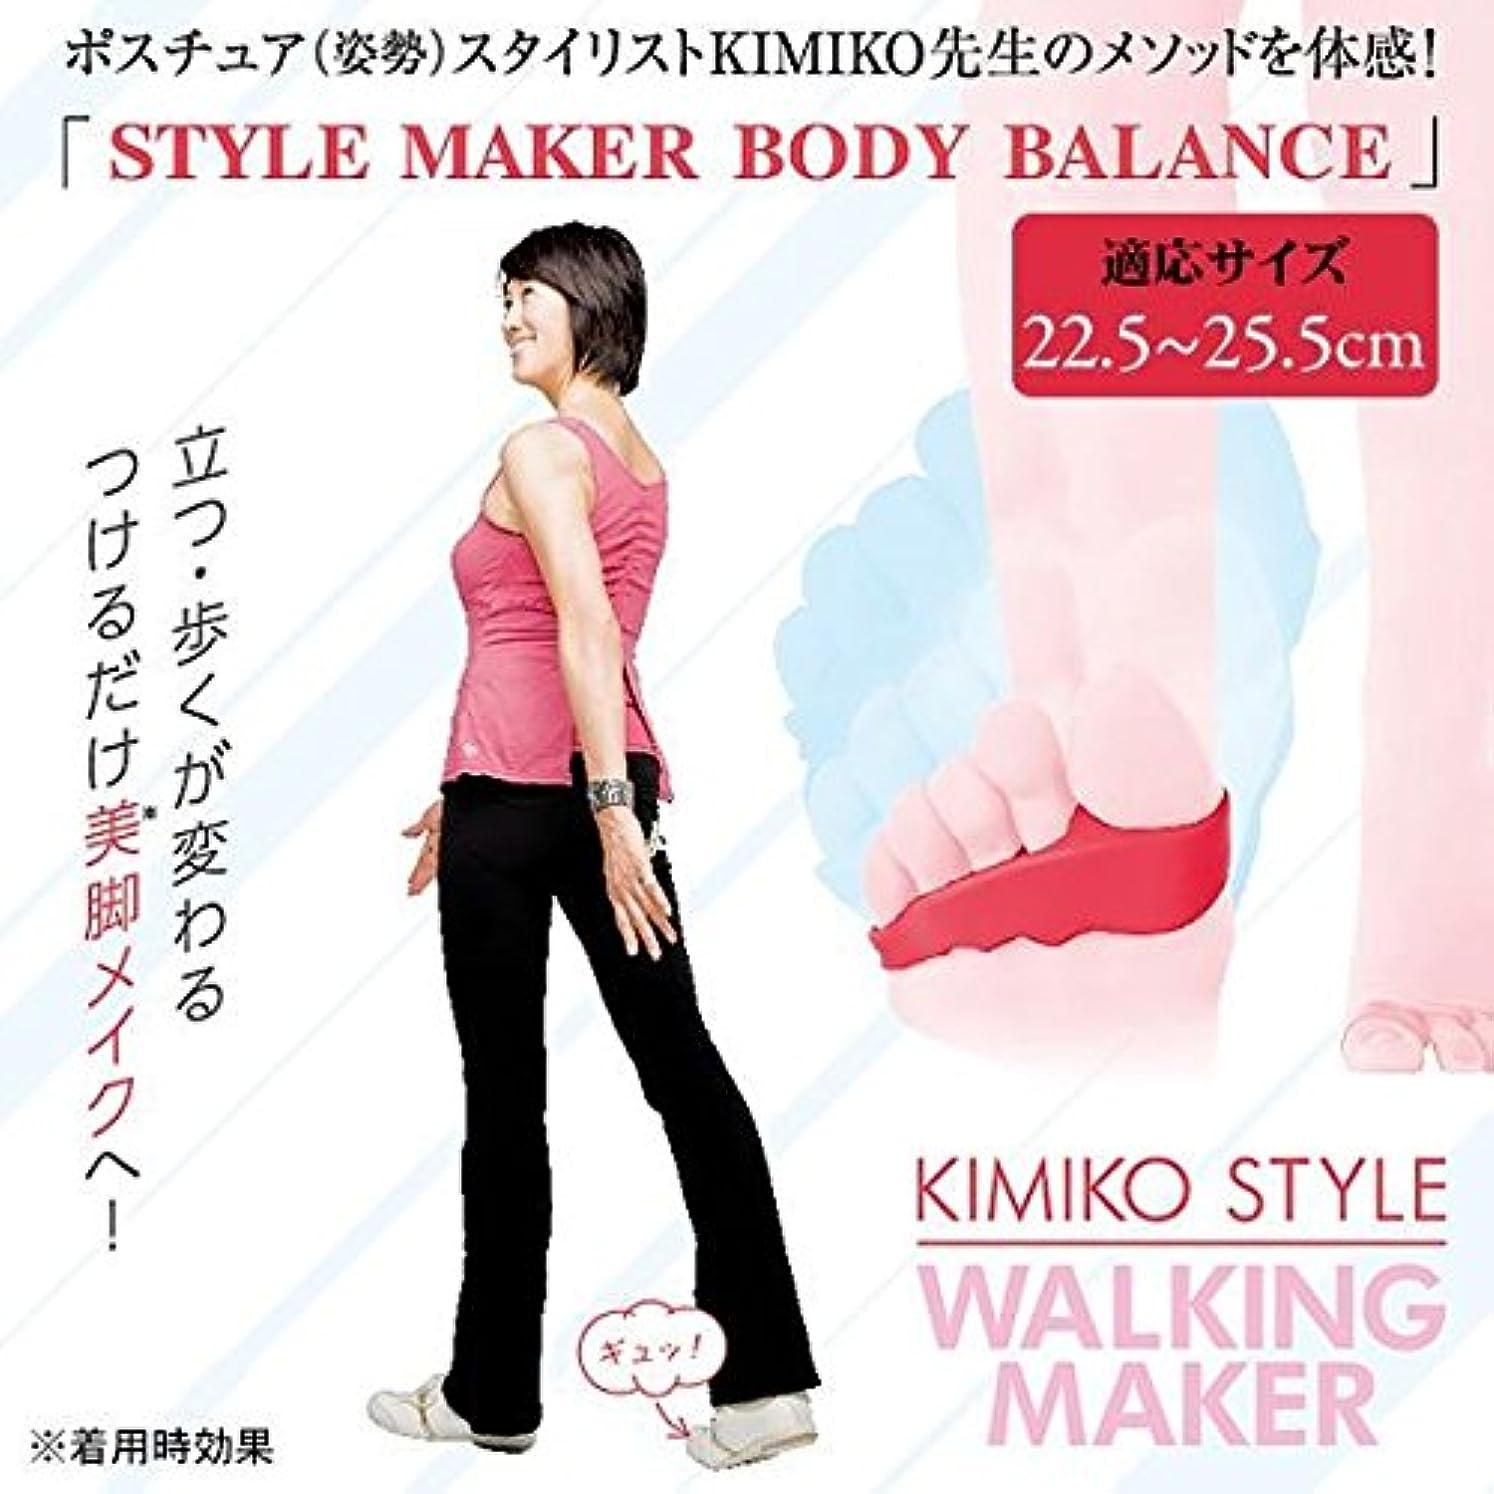 他に王族不十分なKIMIKO STYLE(キミコスタイル) WALKING MAKER(ウォーキングメーカー) 1足入